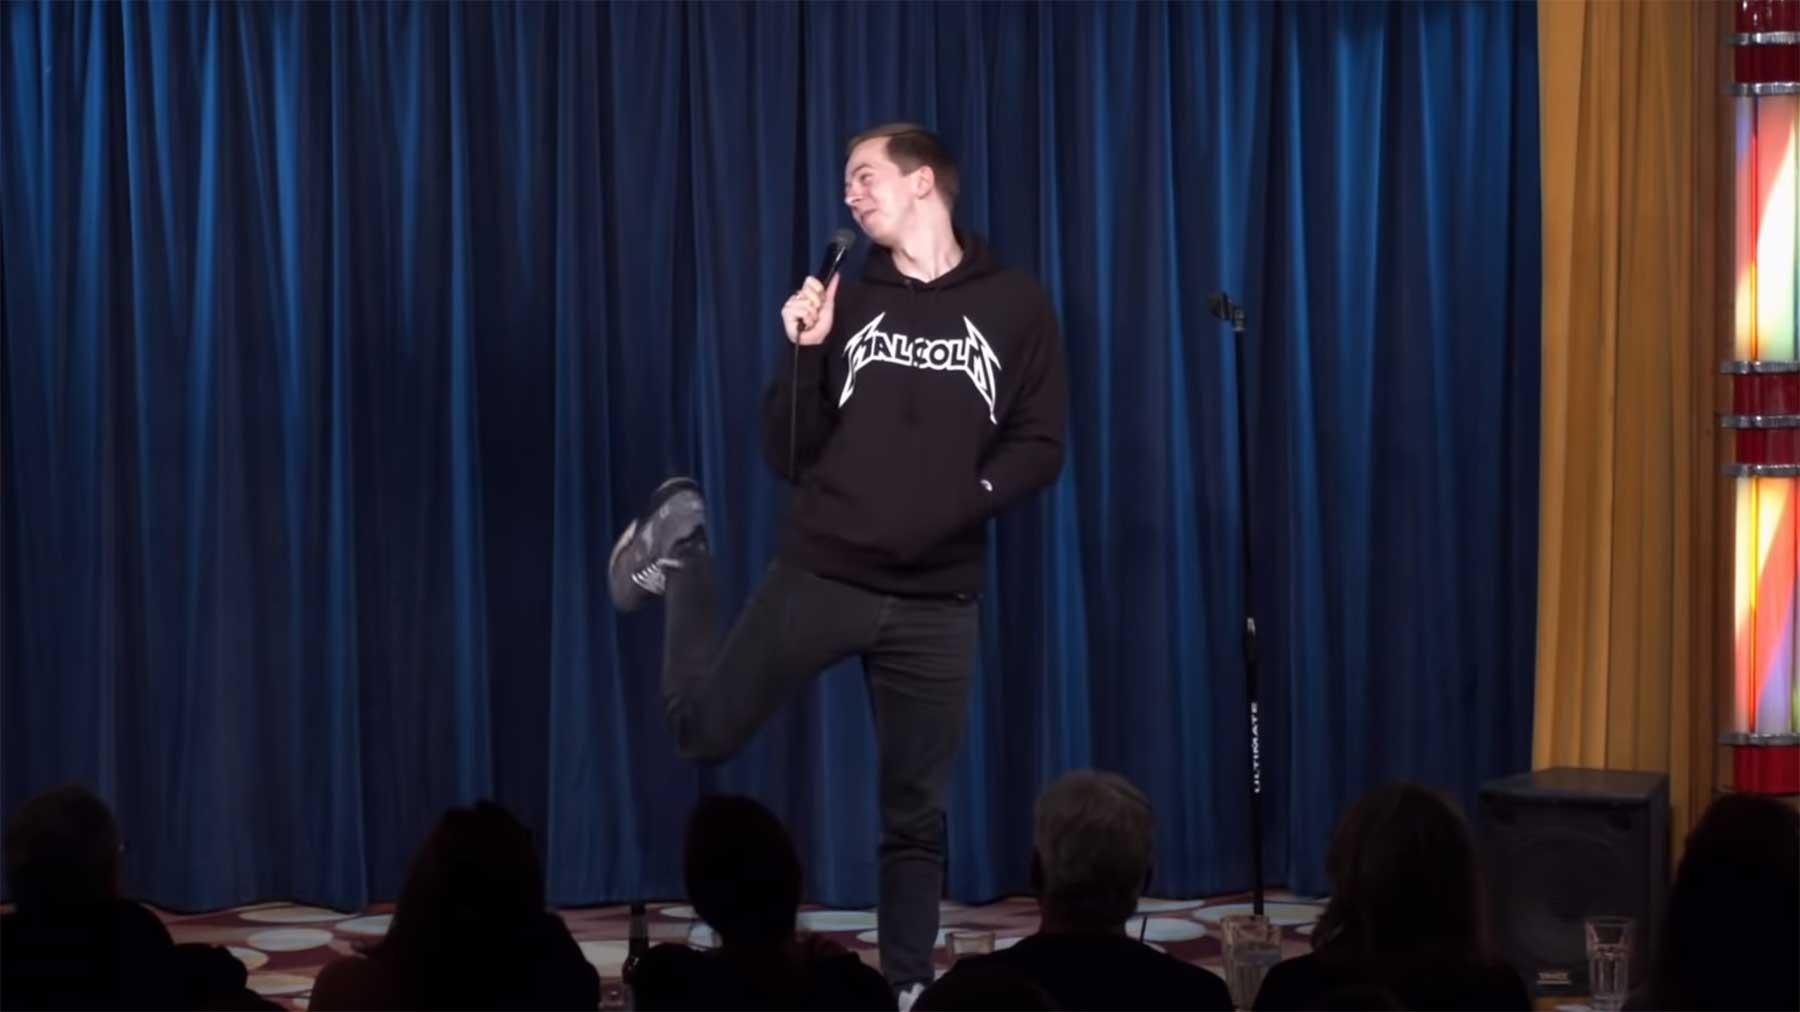 Neuer Freestyle-Rap von Comedian Chris Turner chris-turner-freestyle-rap-hottie-in-crowd